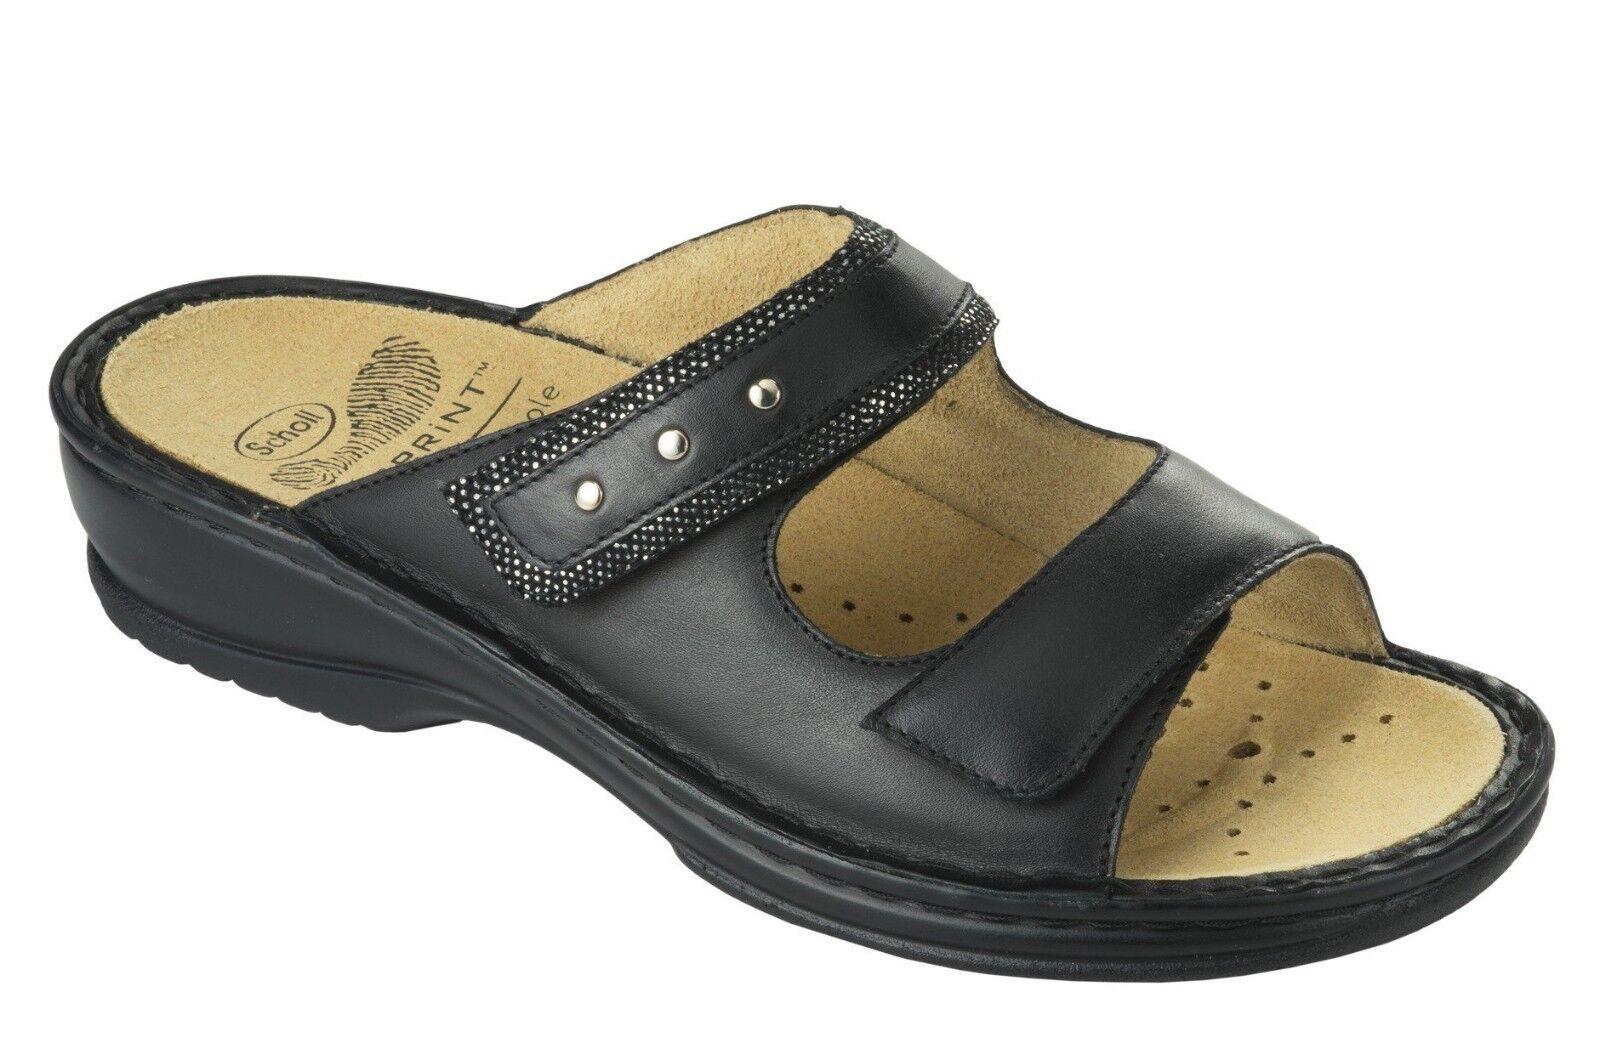 SCHOLL POLIGONIA BioPrint sandalias zuecos zuecos zuecos zapatillas pantuflas mujer cuña de  barato